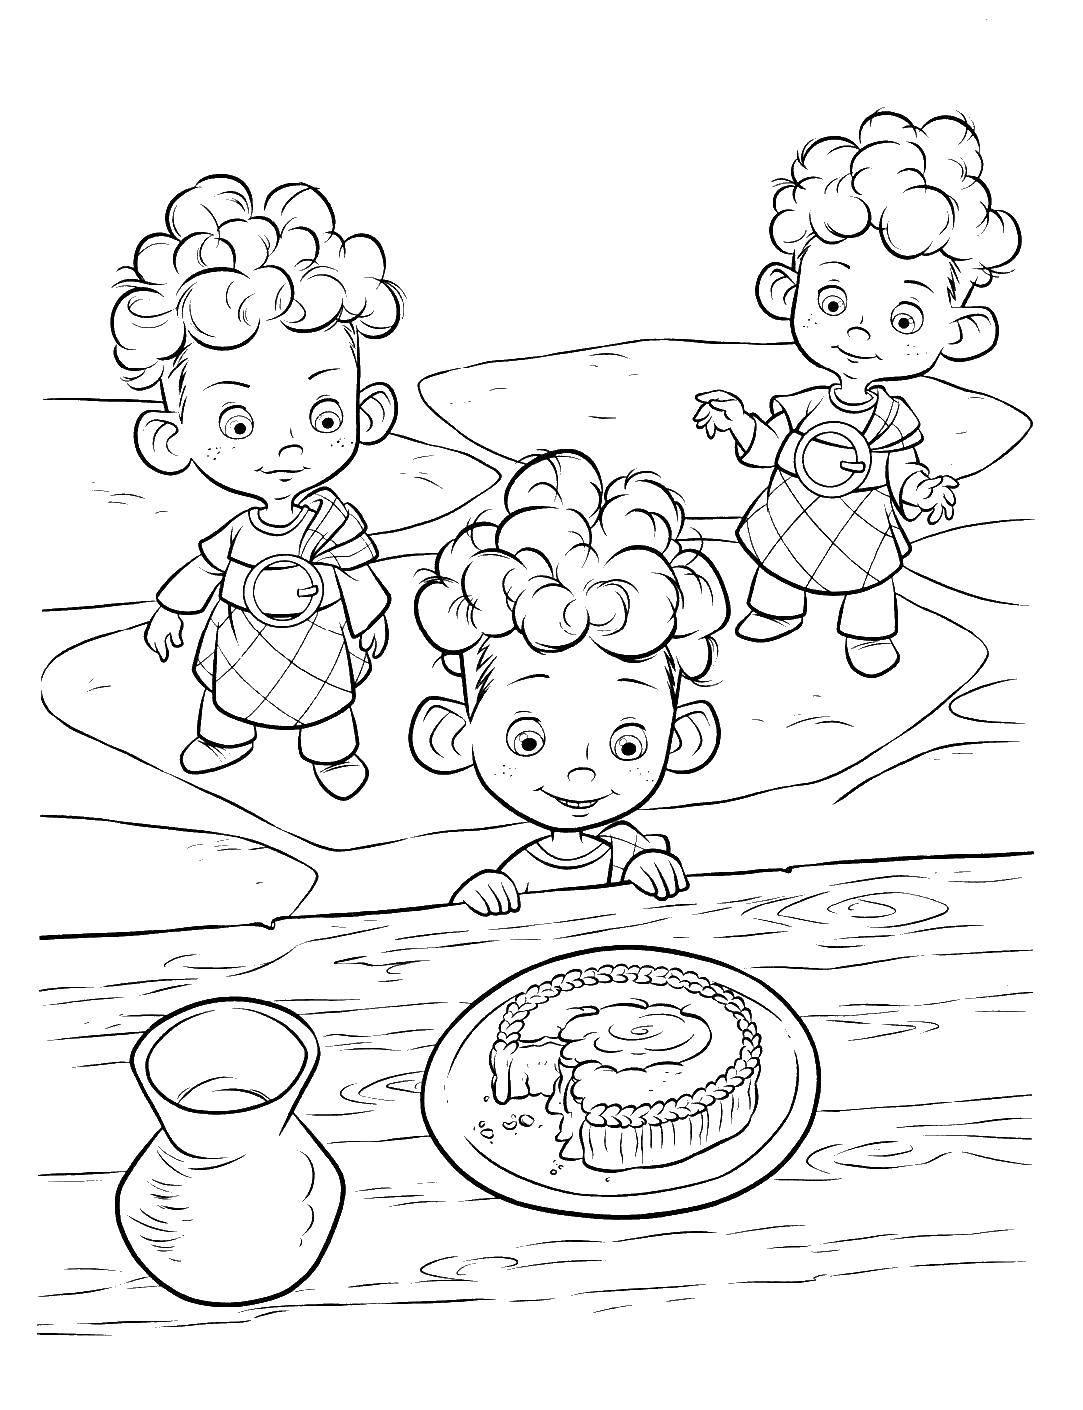 Раскраска Братья принцессы Скачать Храбрая сердцем, братья, принцесса.  Распечатать ,храбрая сердцем,